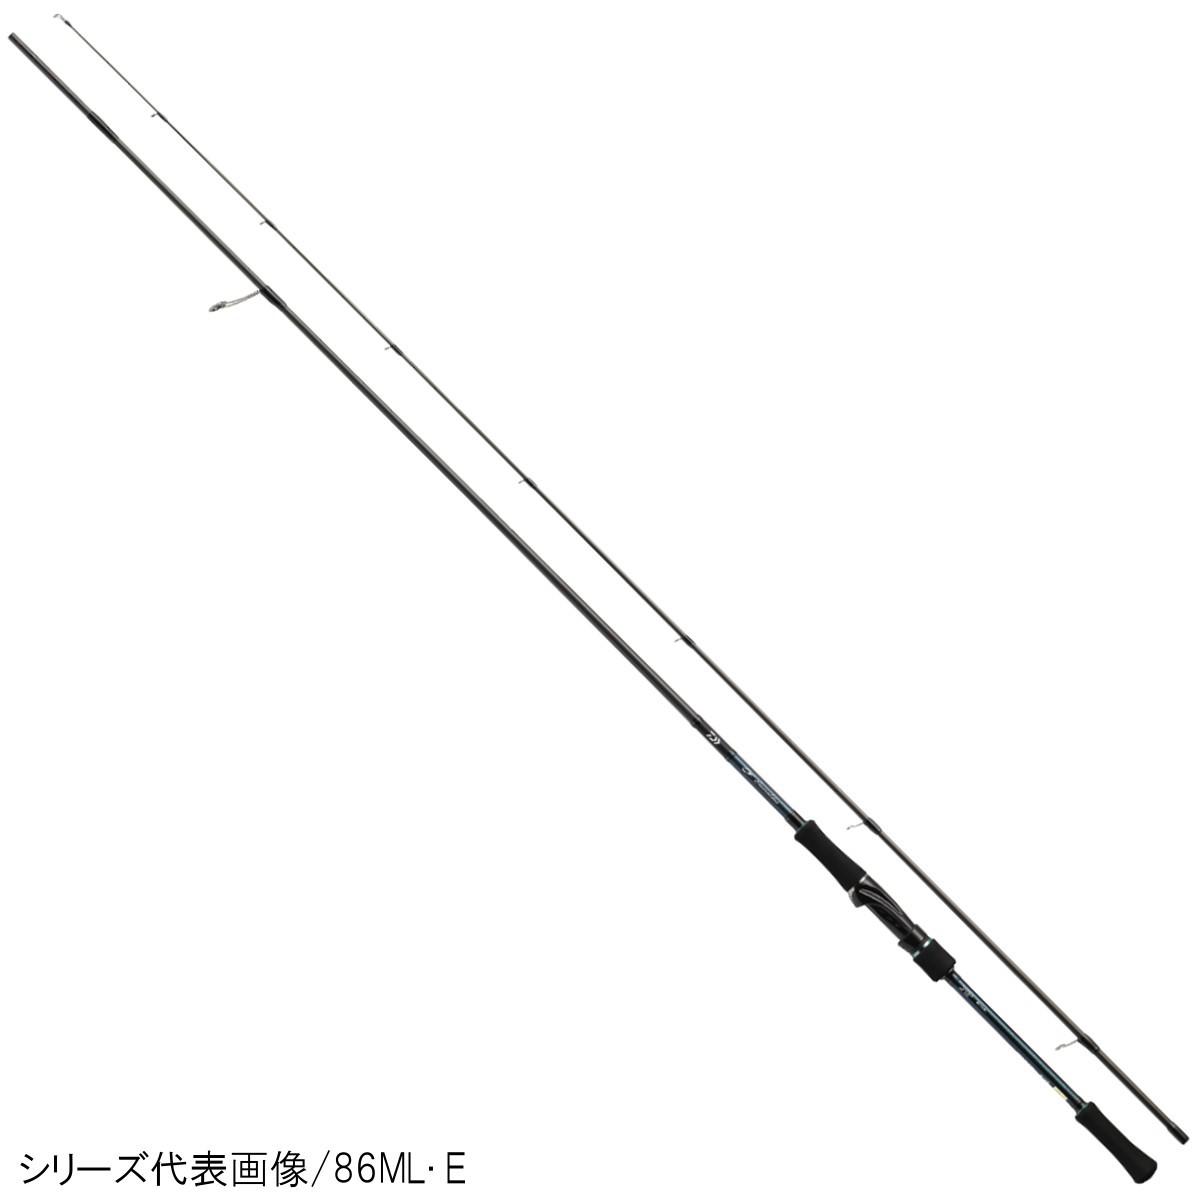 ダイワ エメラルダス MX(アウトガイドモデル) 86MH・E